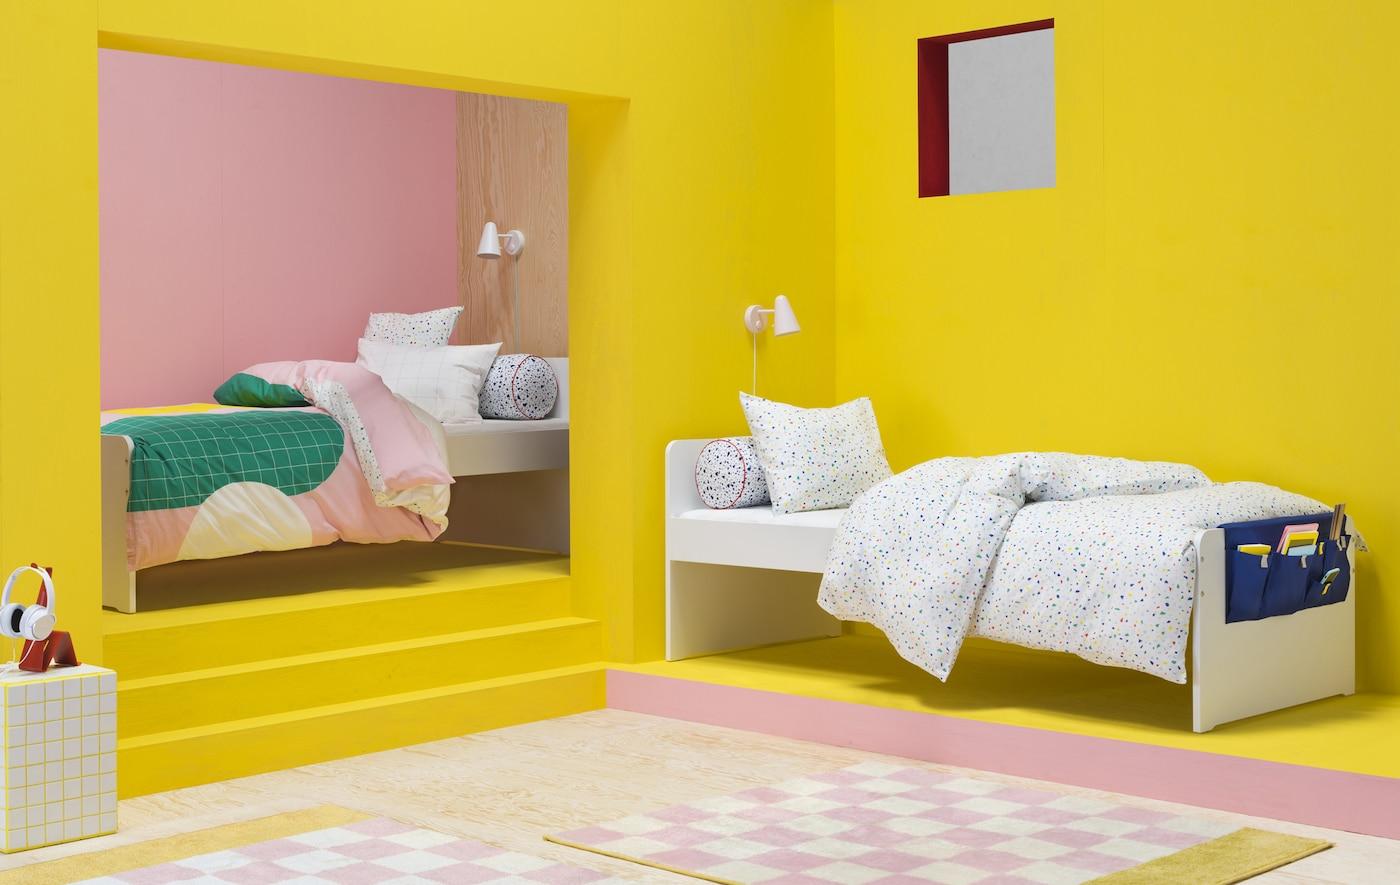 Un dormitor roz aprins și galben cu două paturi individuale cu cuverturi colorate și modele grafice.